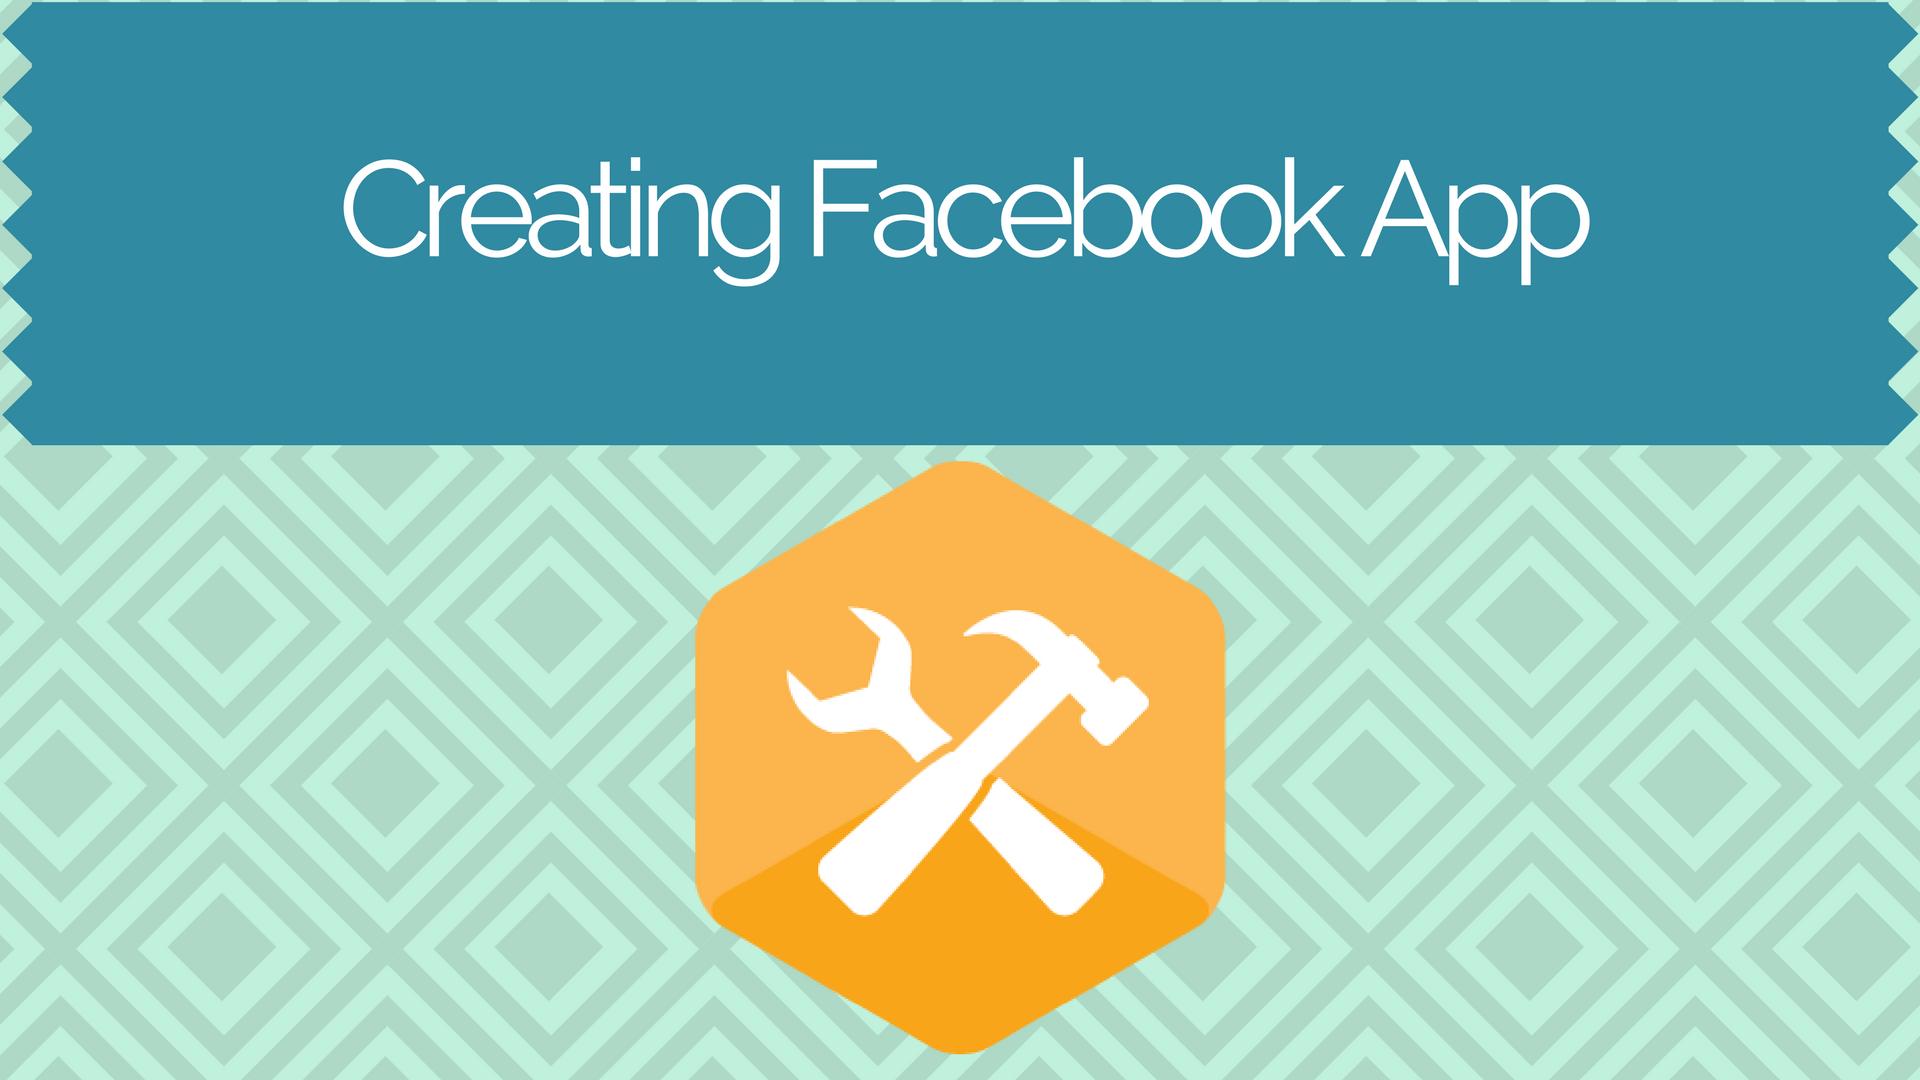 Amazoncom Creating Facebook App Syed Raza Syed Ali Myra